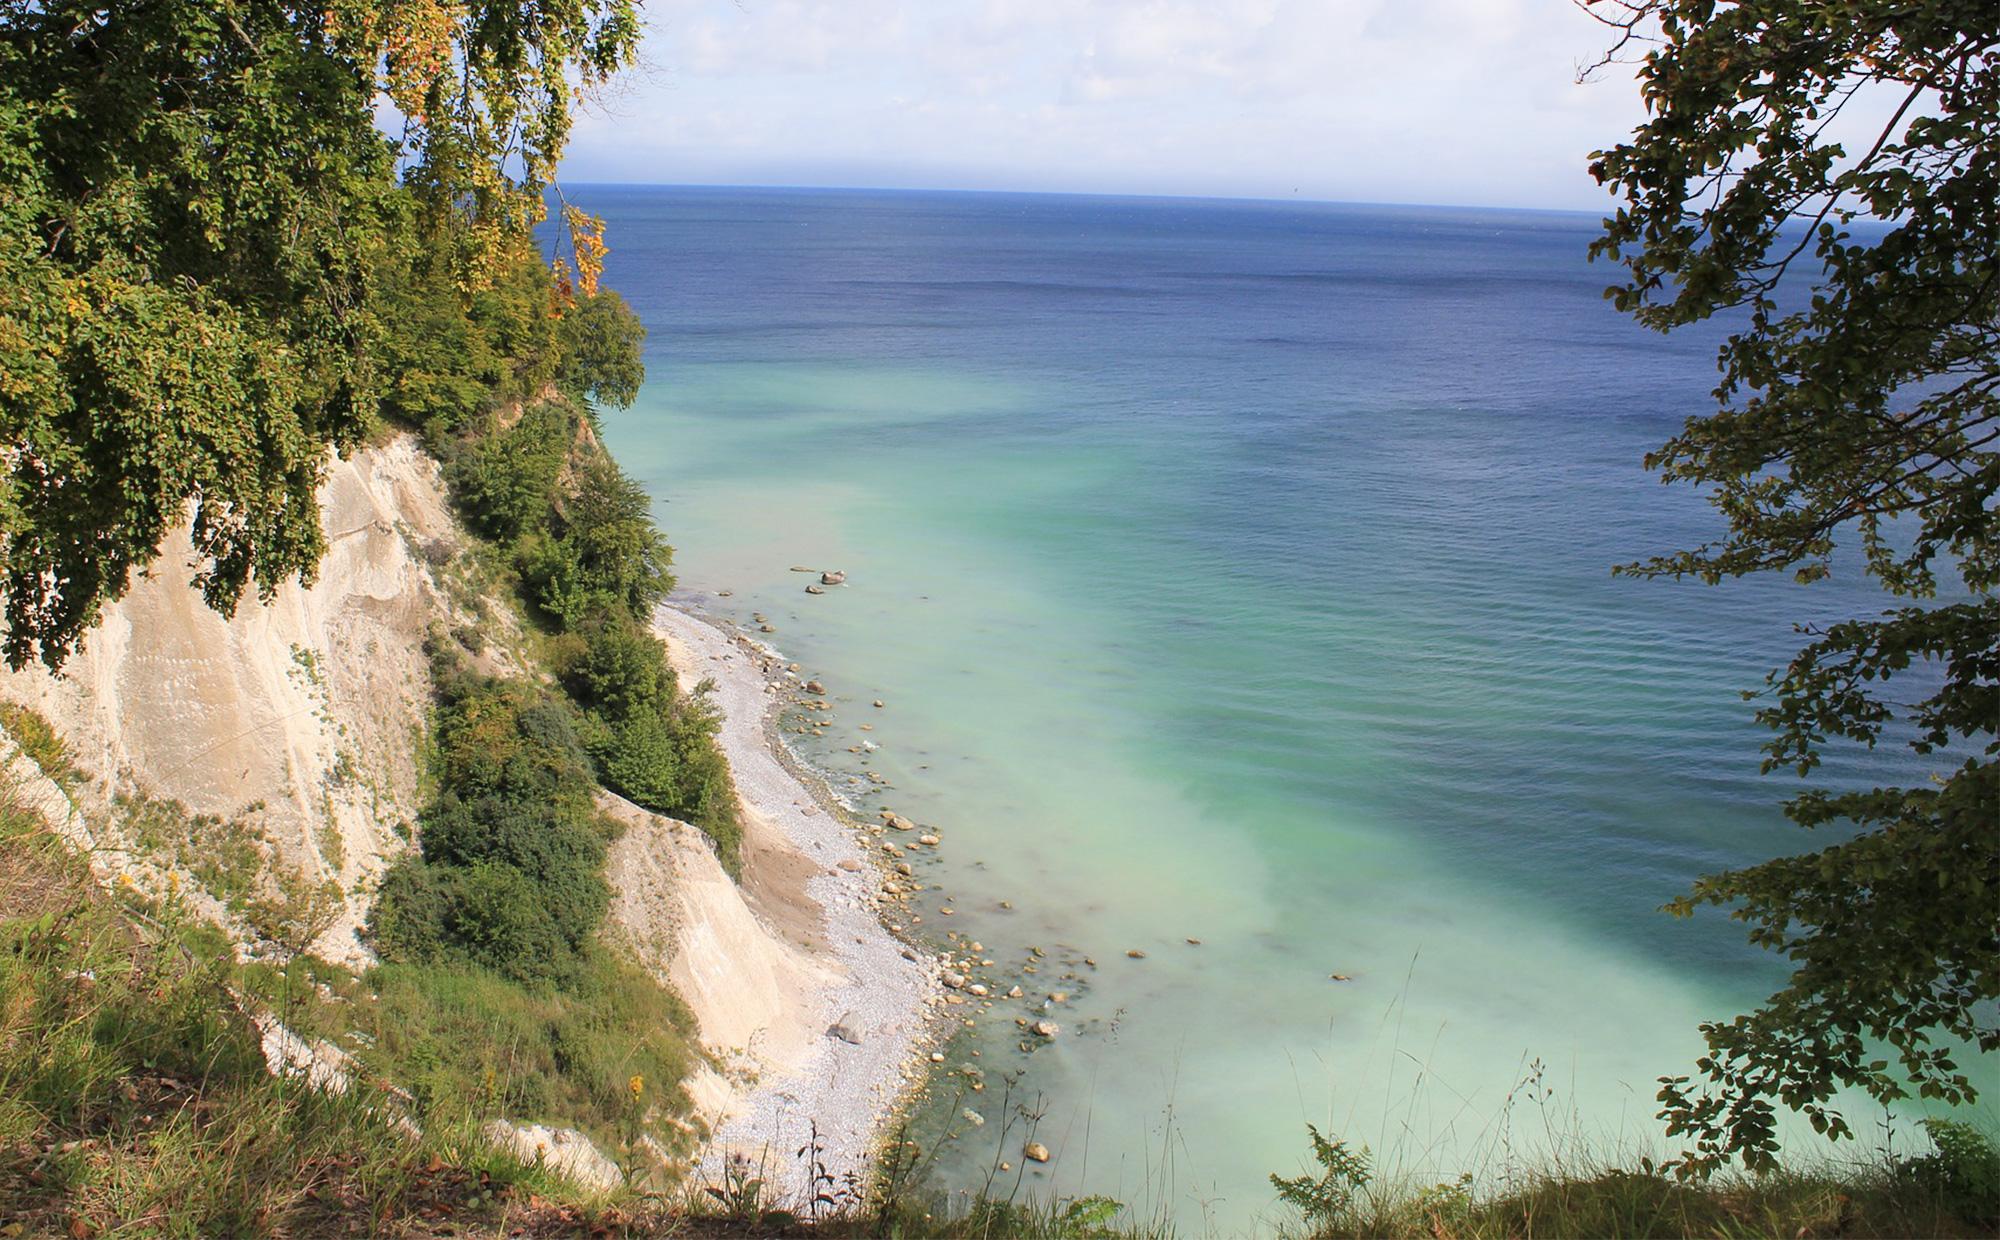 Die weiße Kreideküste des Nationalpark Jasmunds erinnert so manch einen an eine griechische Insel